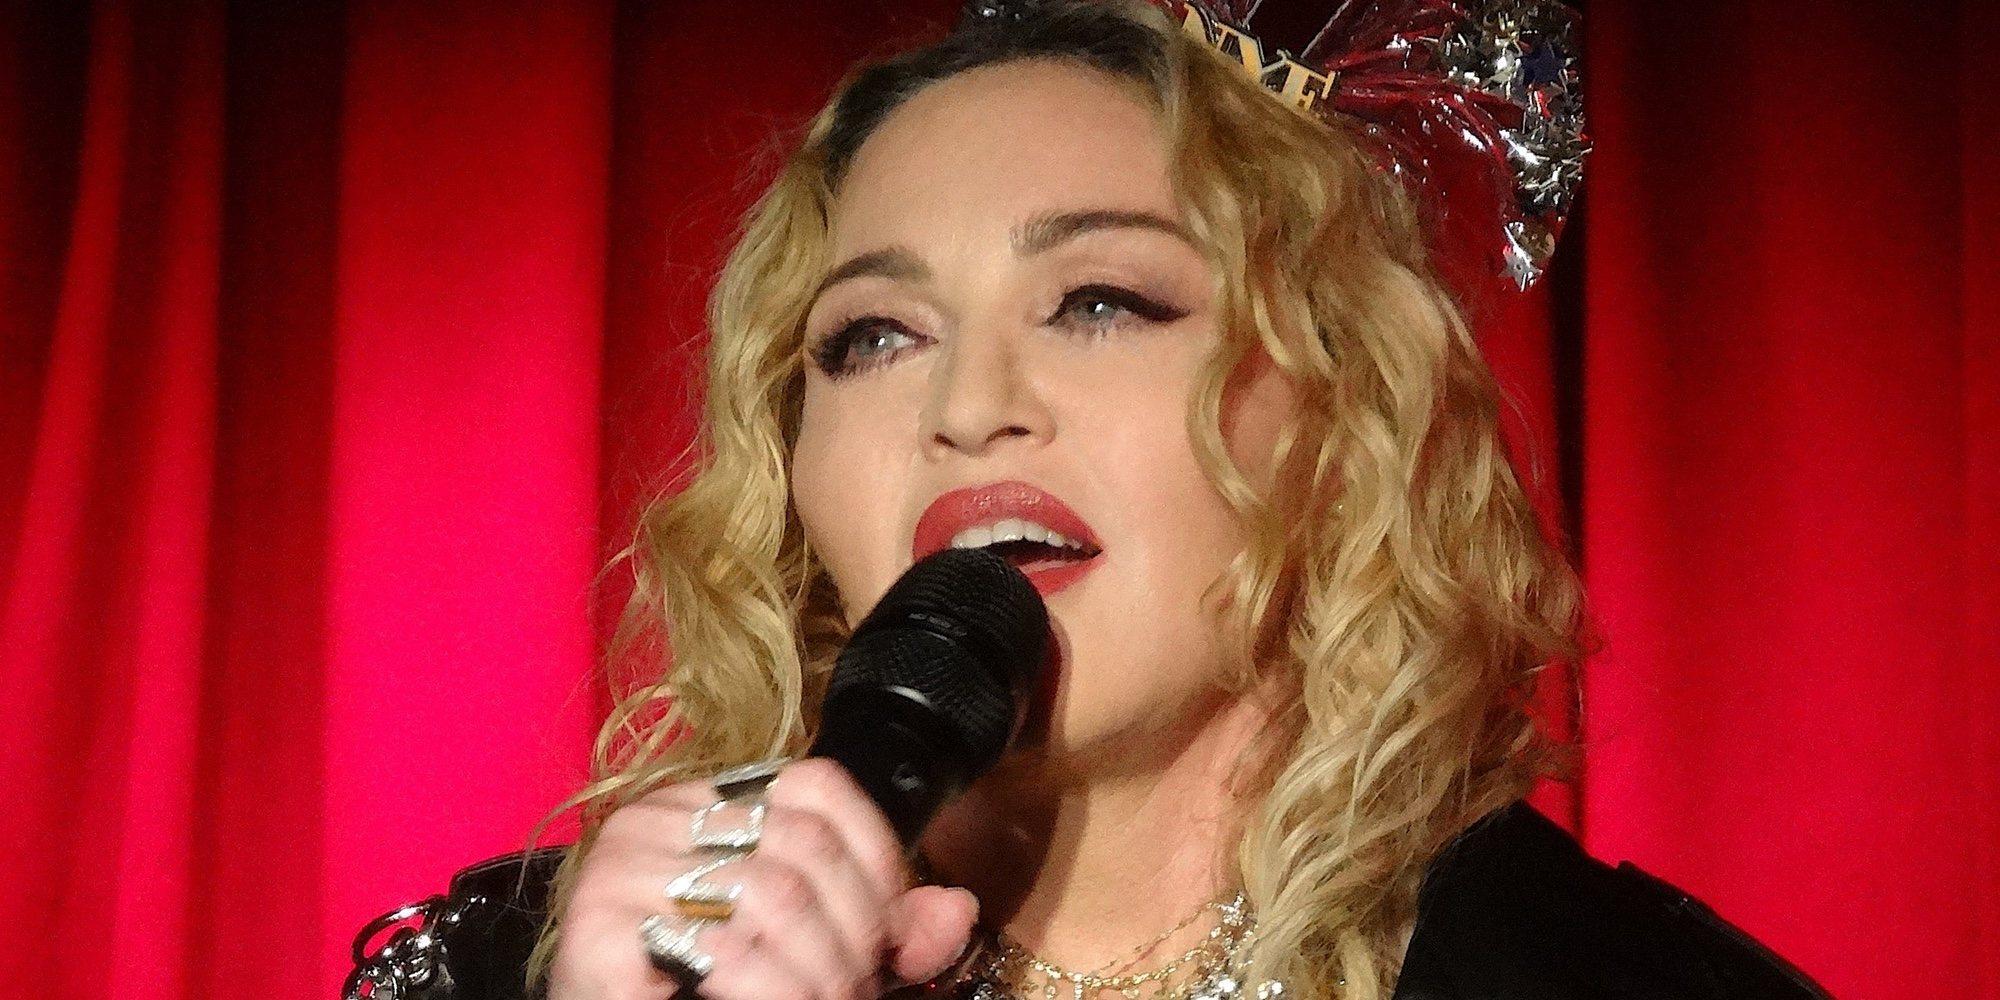 Madonna se siente violada por el reportaje sobre ella publicado en New York Times